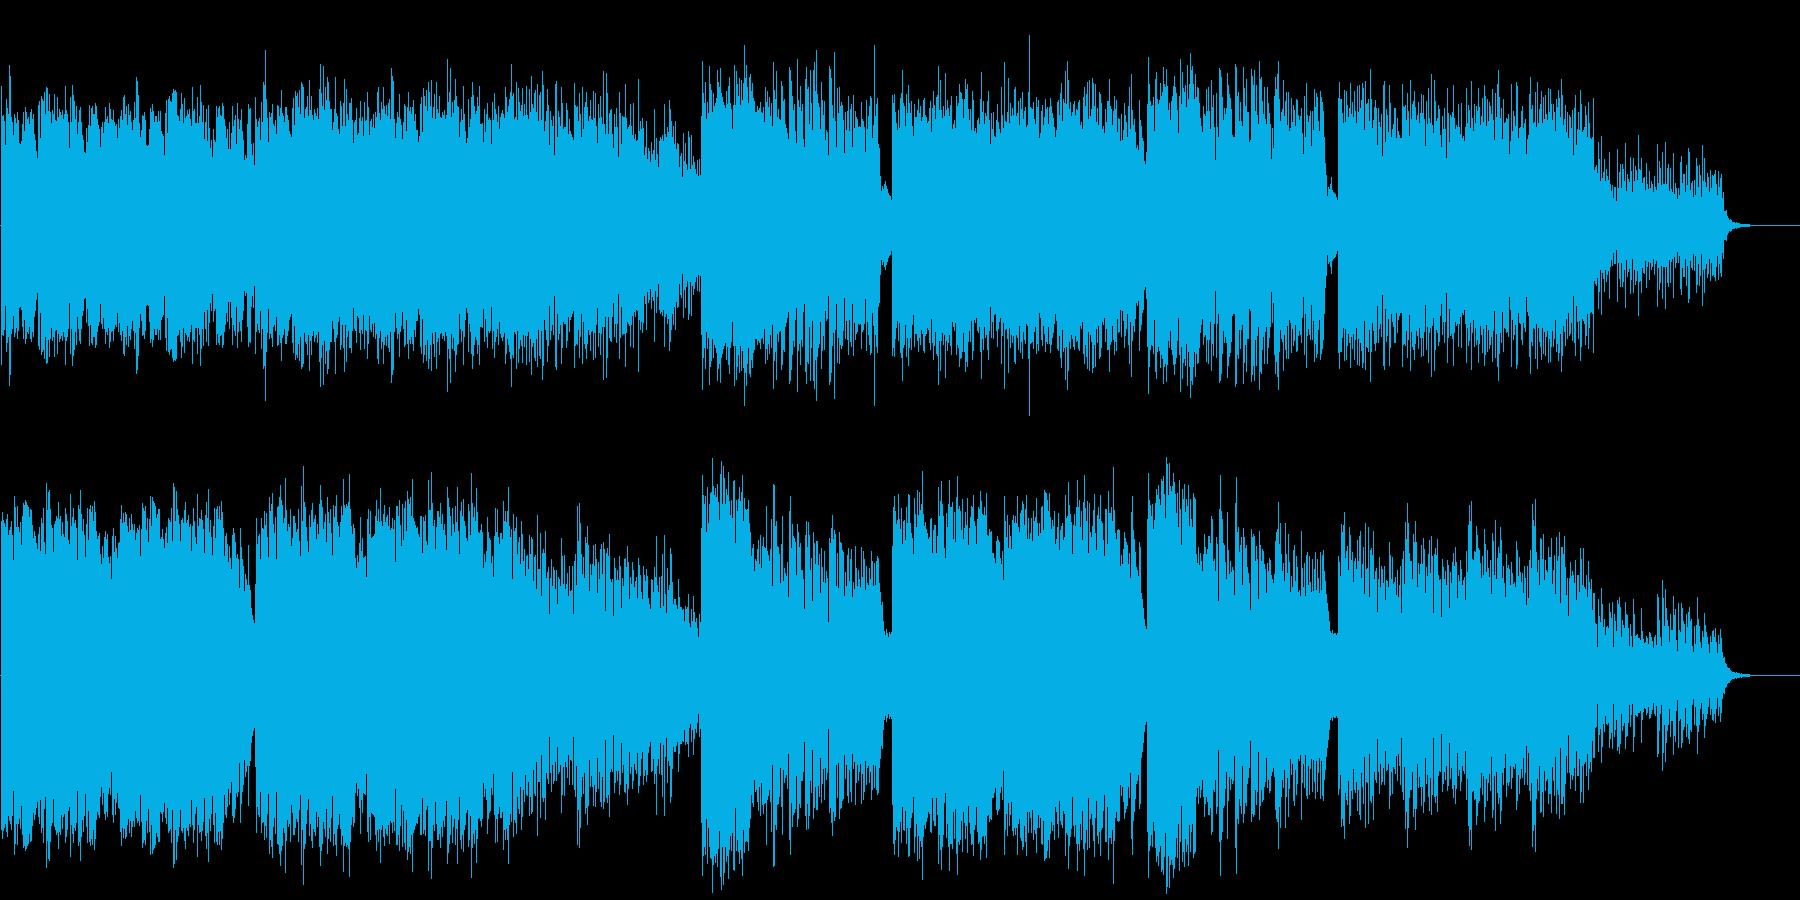 映像BGM 引き込まれる心地よい異空間の再生済みの波形